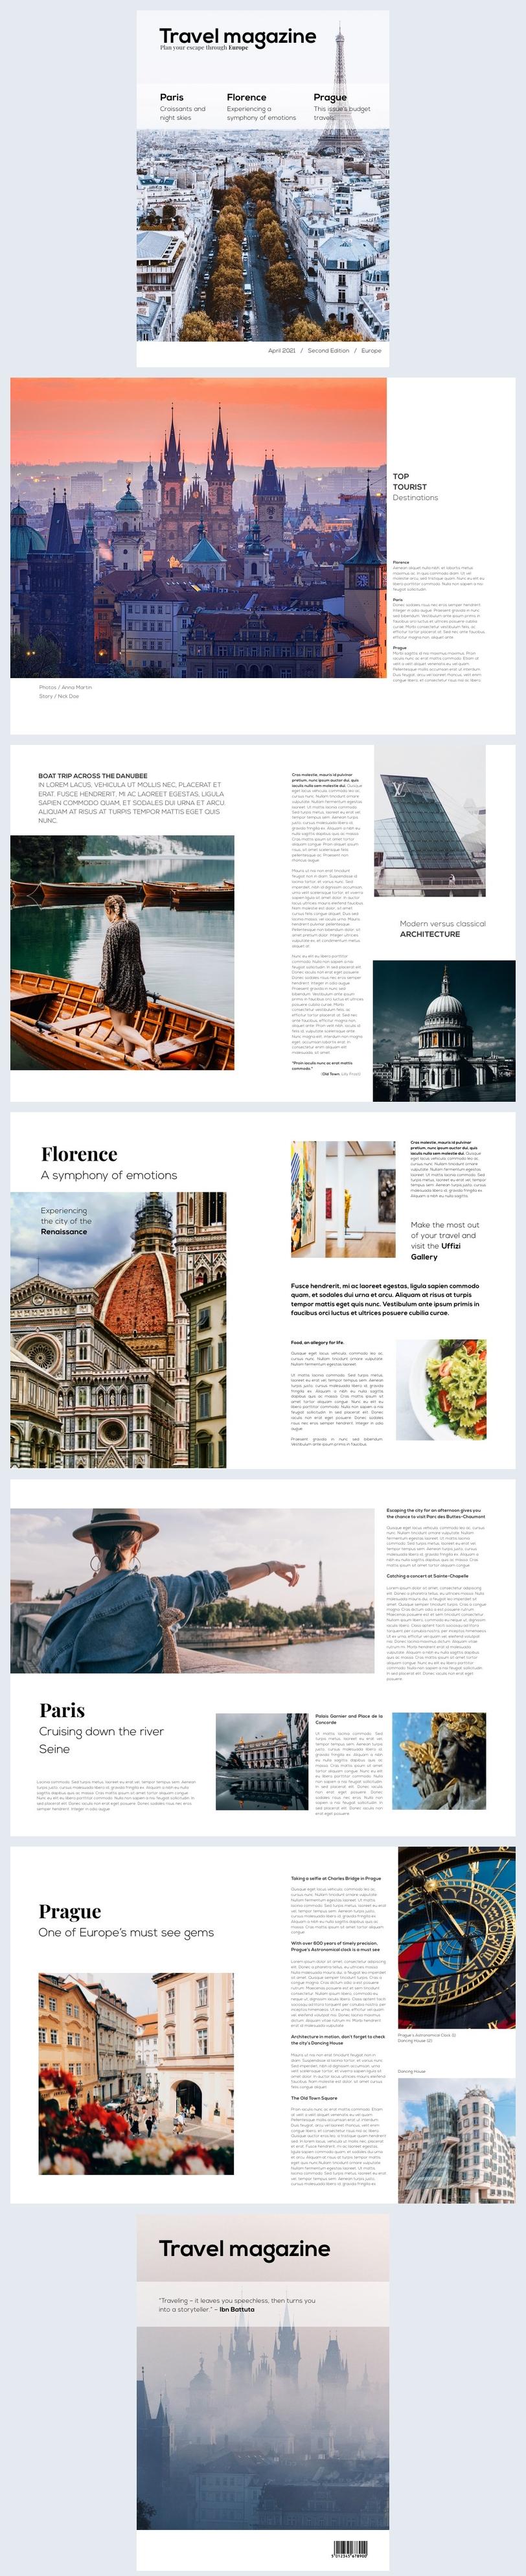 Exemplo de Design de Revista de Viagens Moderna